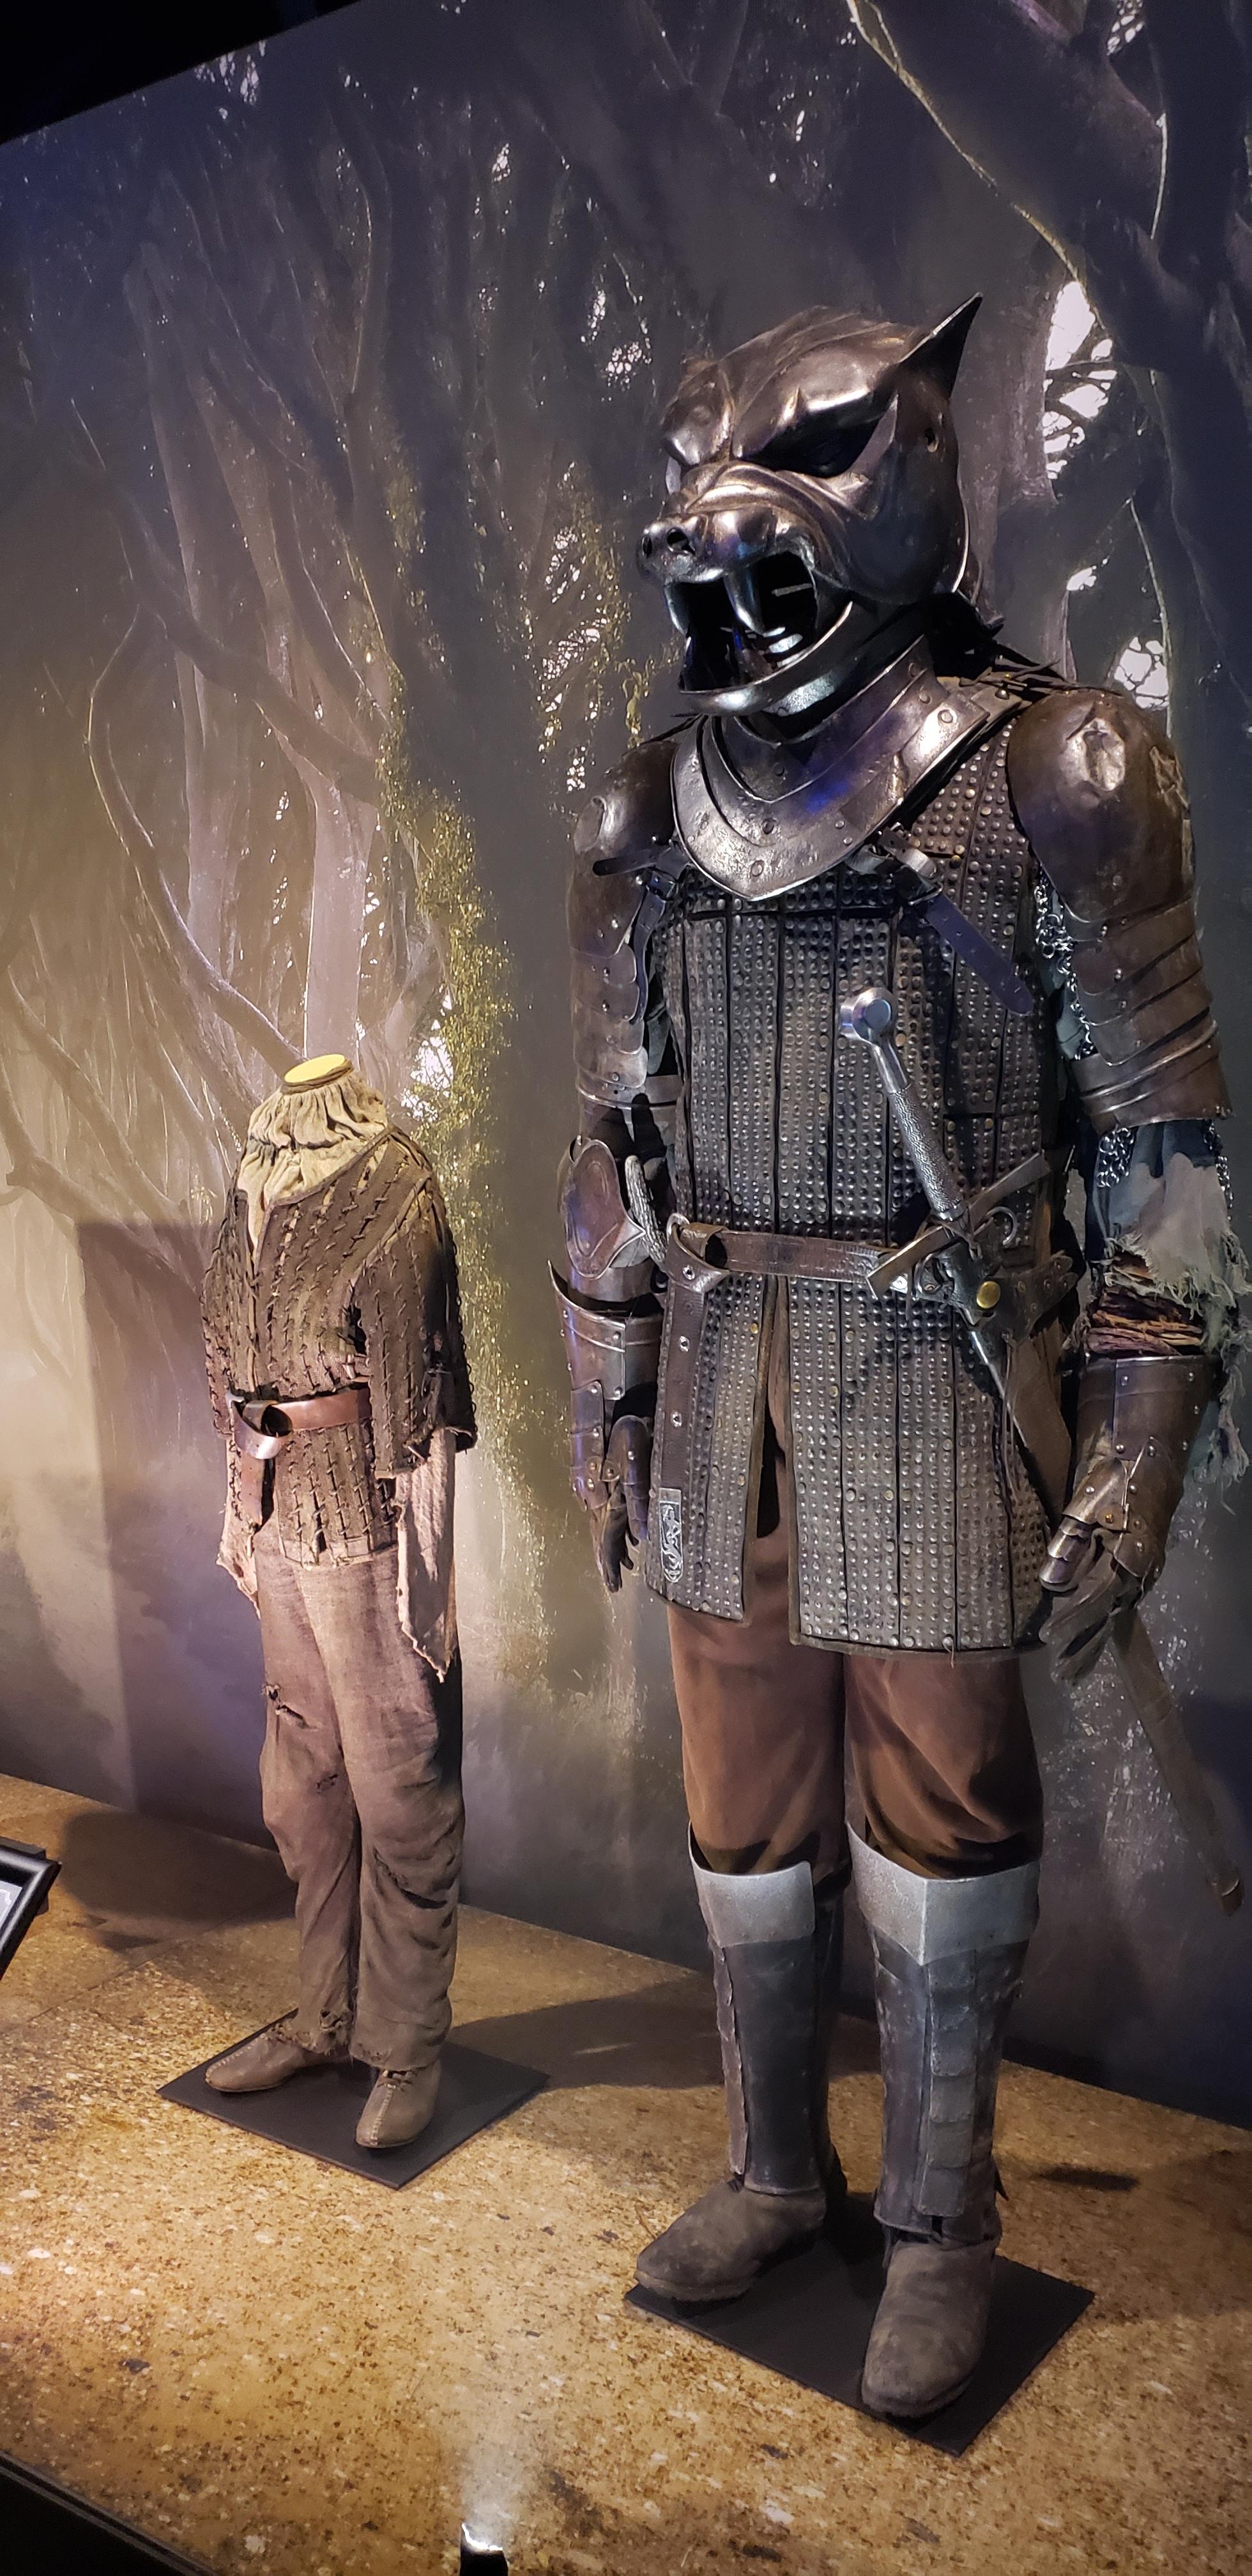 The Hound's armor and Arya Stark's costume